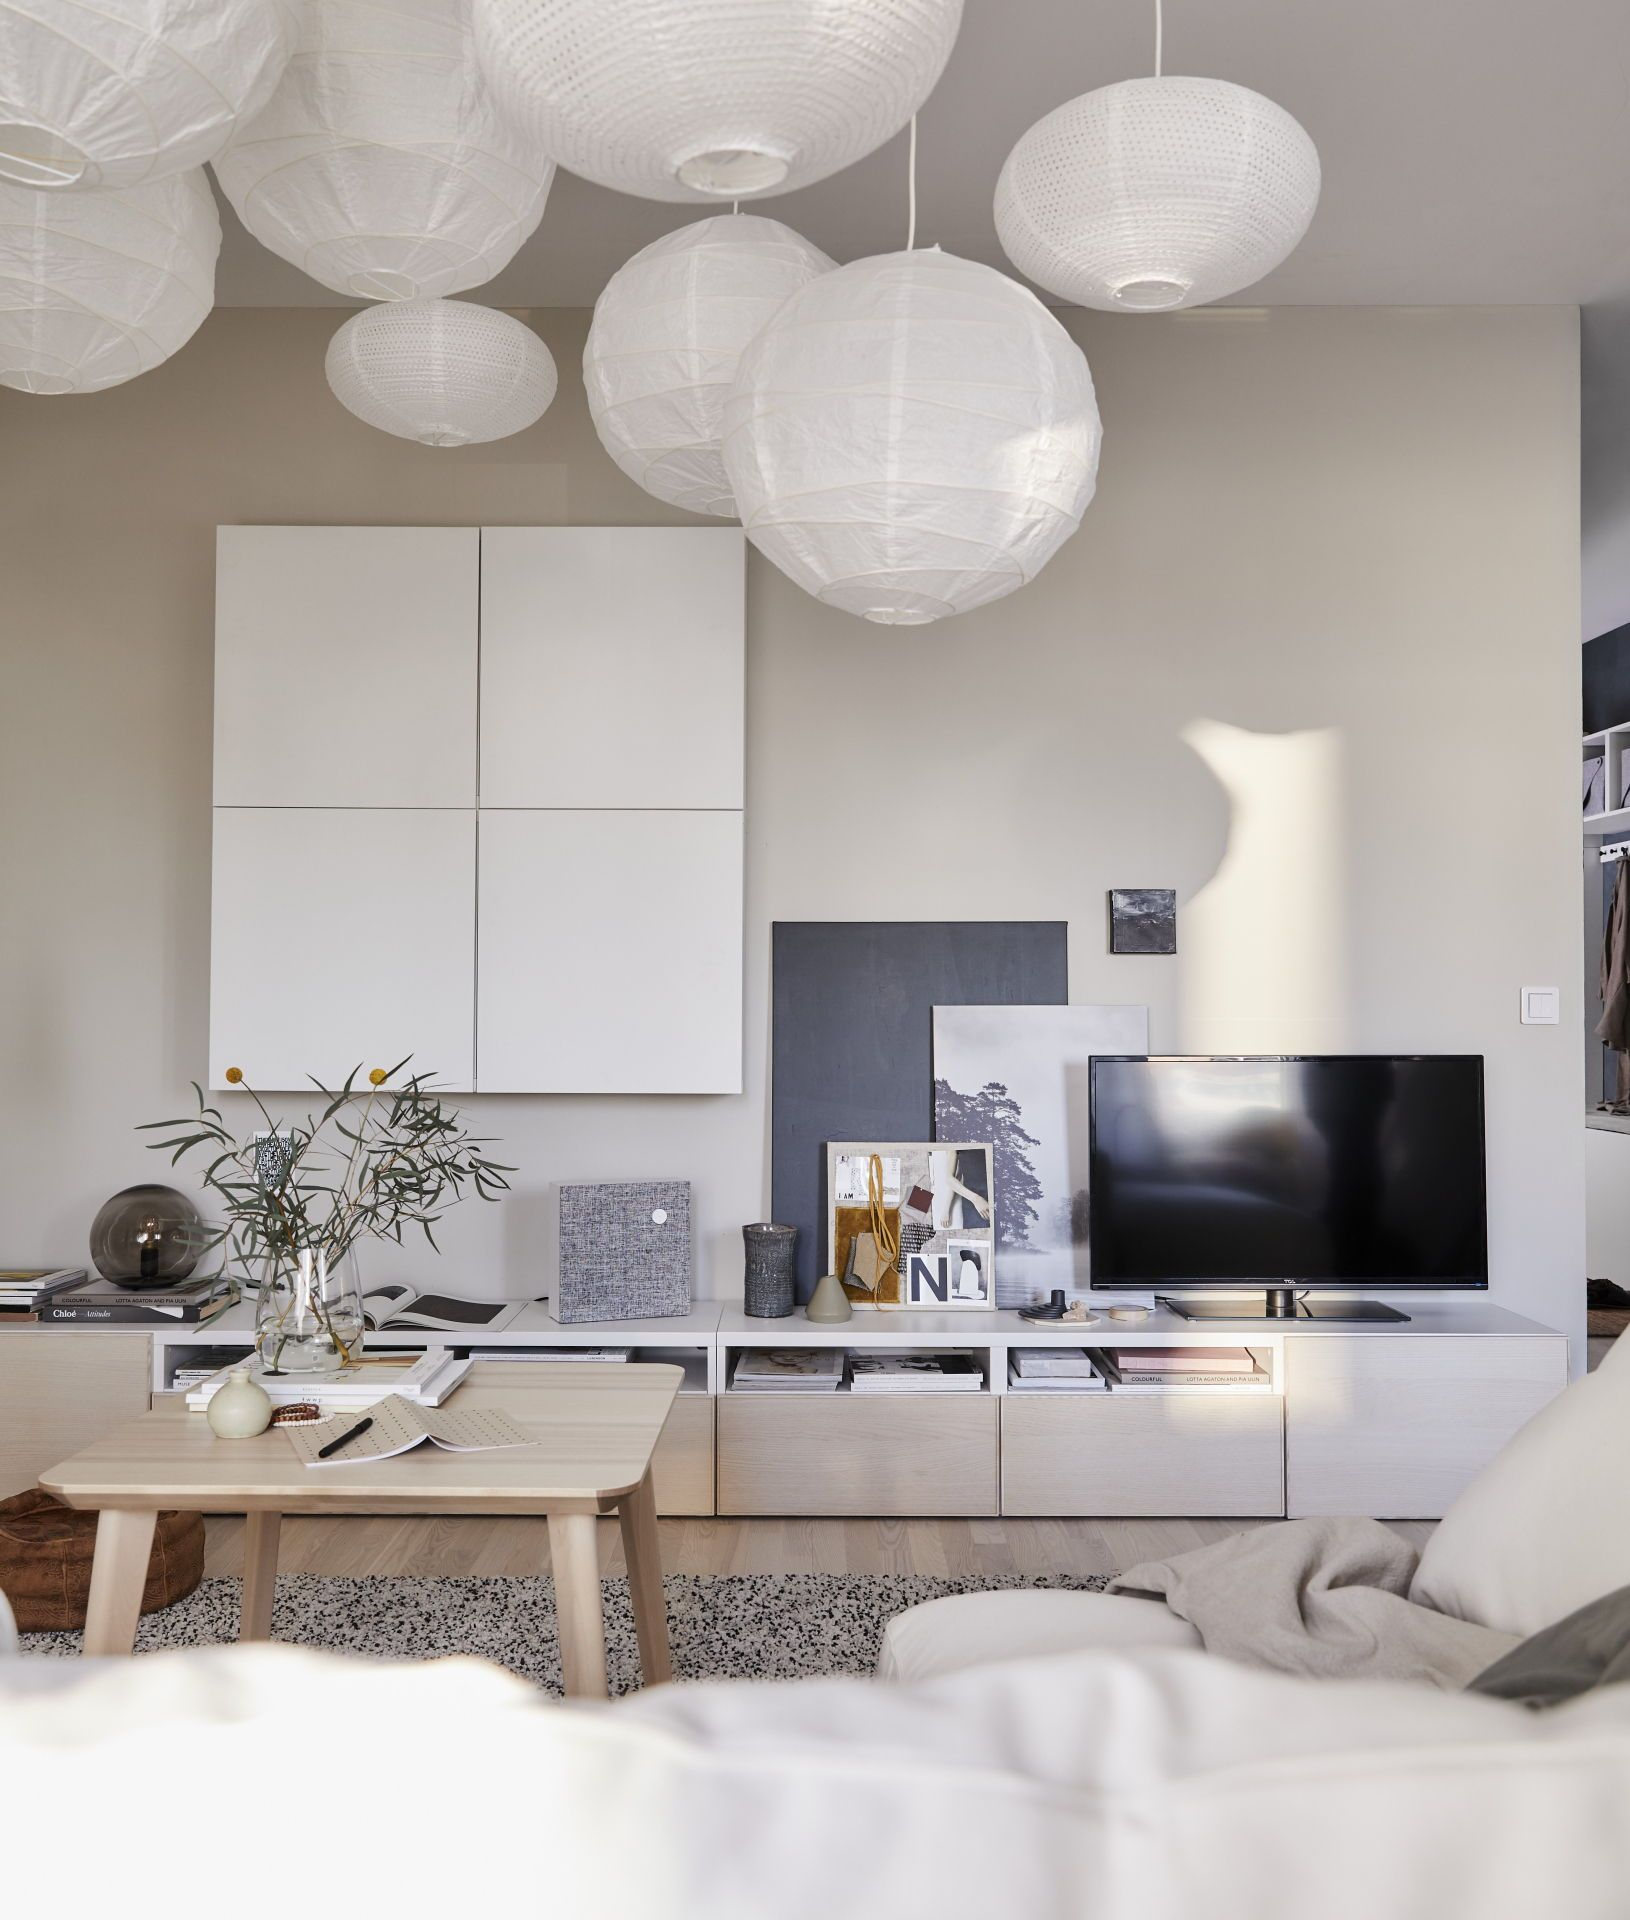 Ikea Tv Meubel Zwartbruin.Besta Tv Meubel Zwartbruin In 2019 Tiny House Tv Meubels Ikea